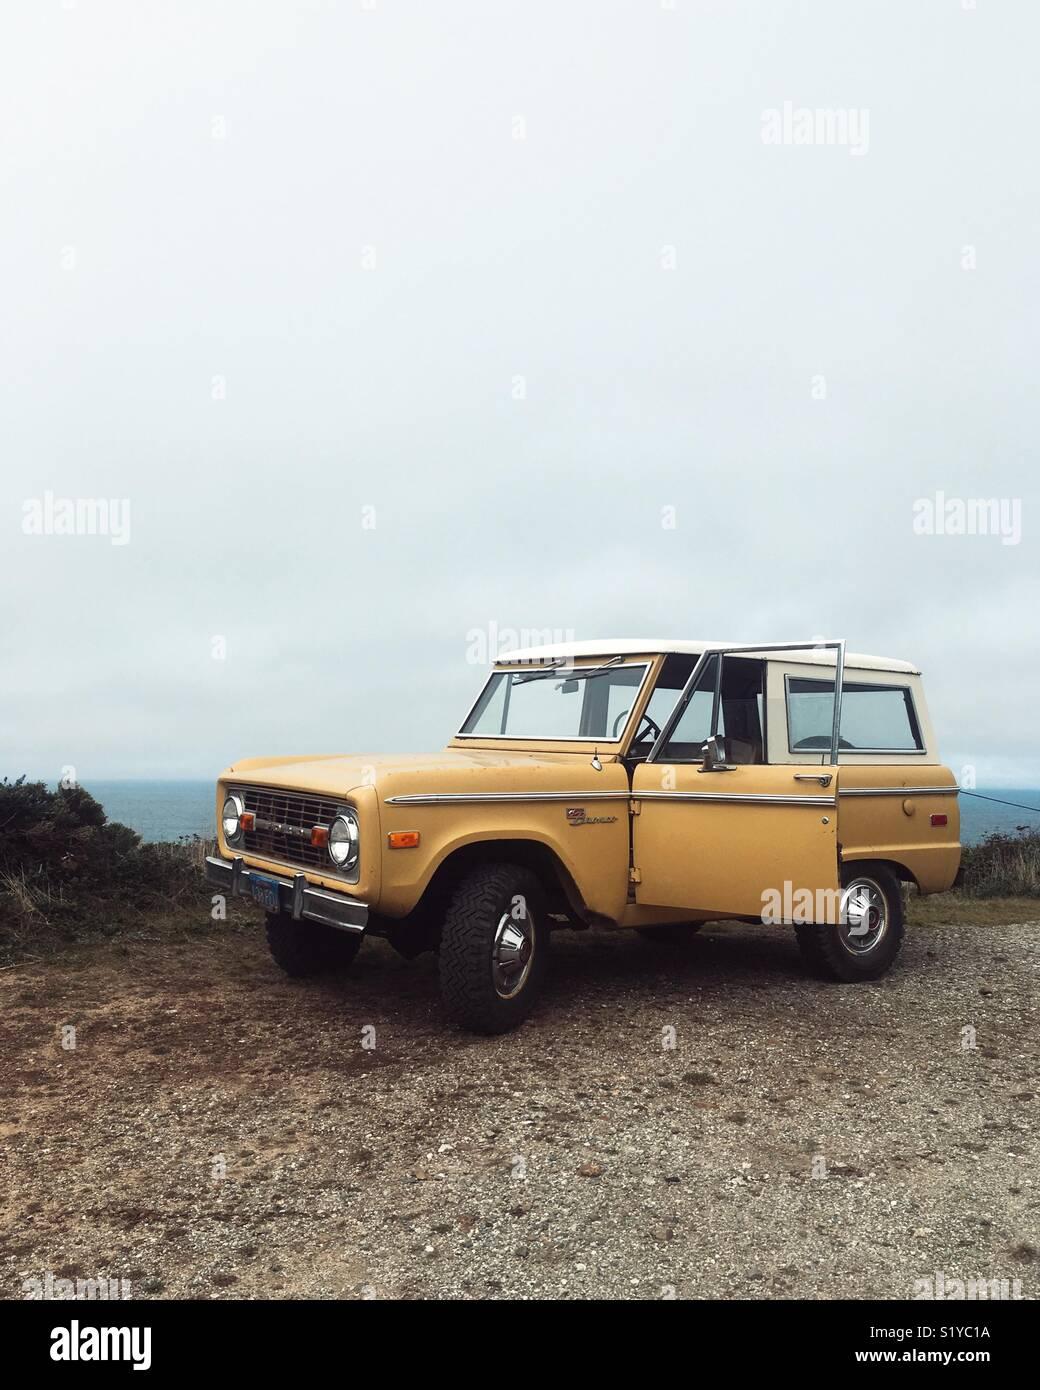 Un vintage Ford Bronco en la costa de California. Imagen De Stock